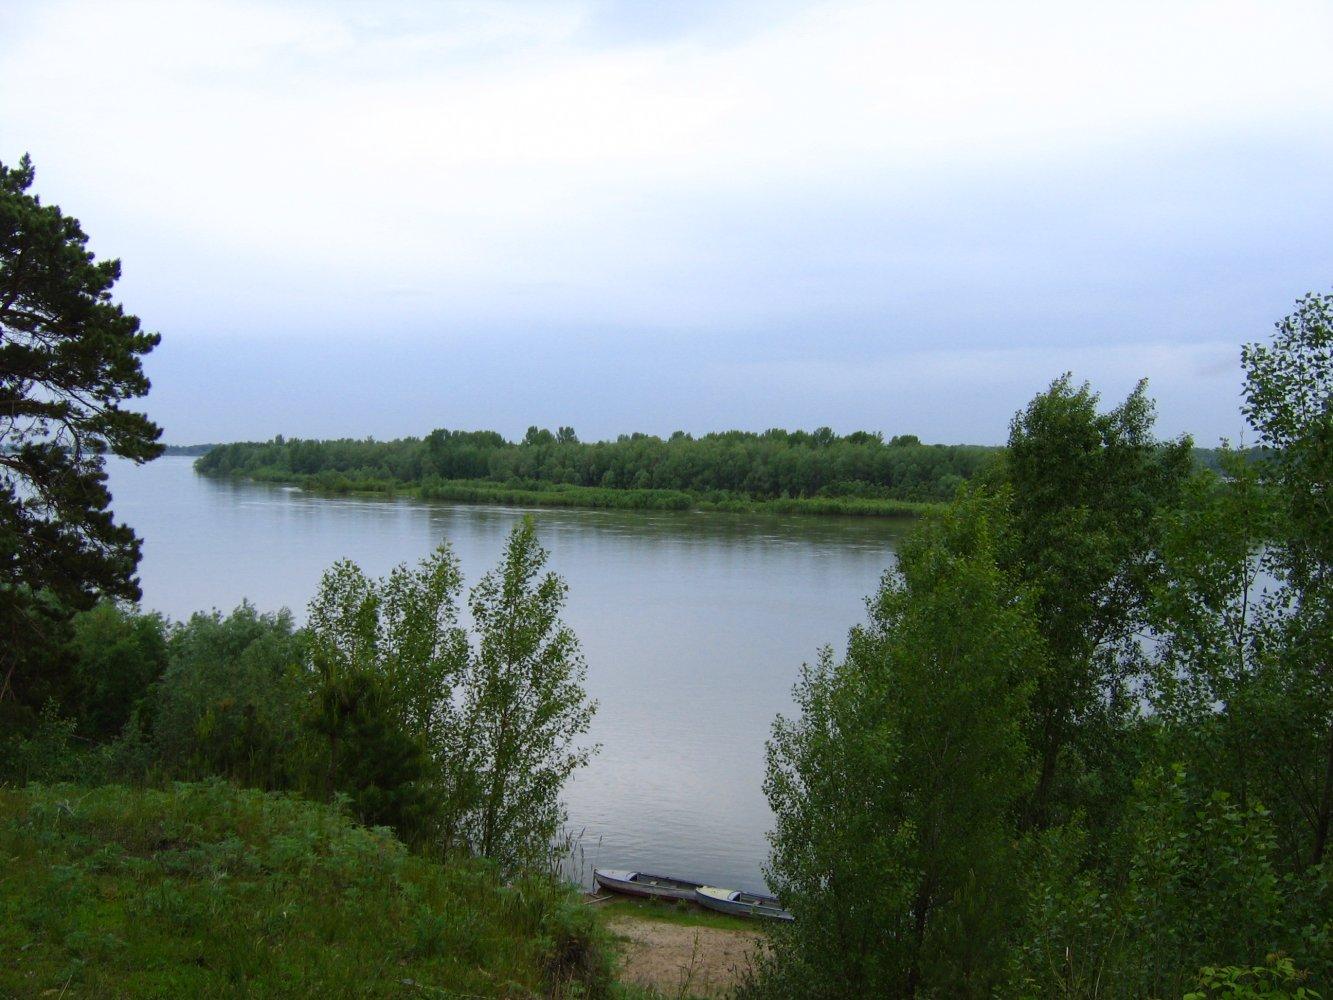 Фото седдовка4. Россия, Новосибирская область, Седова Заимка, Unnamed Road